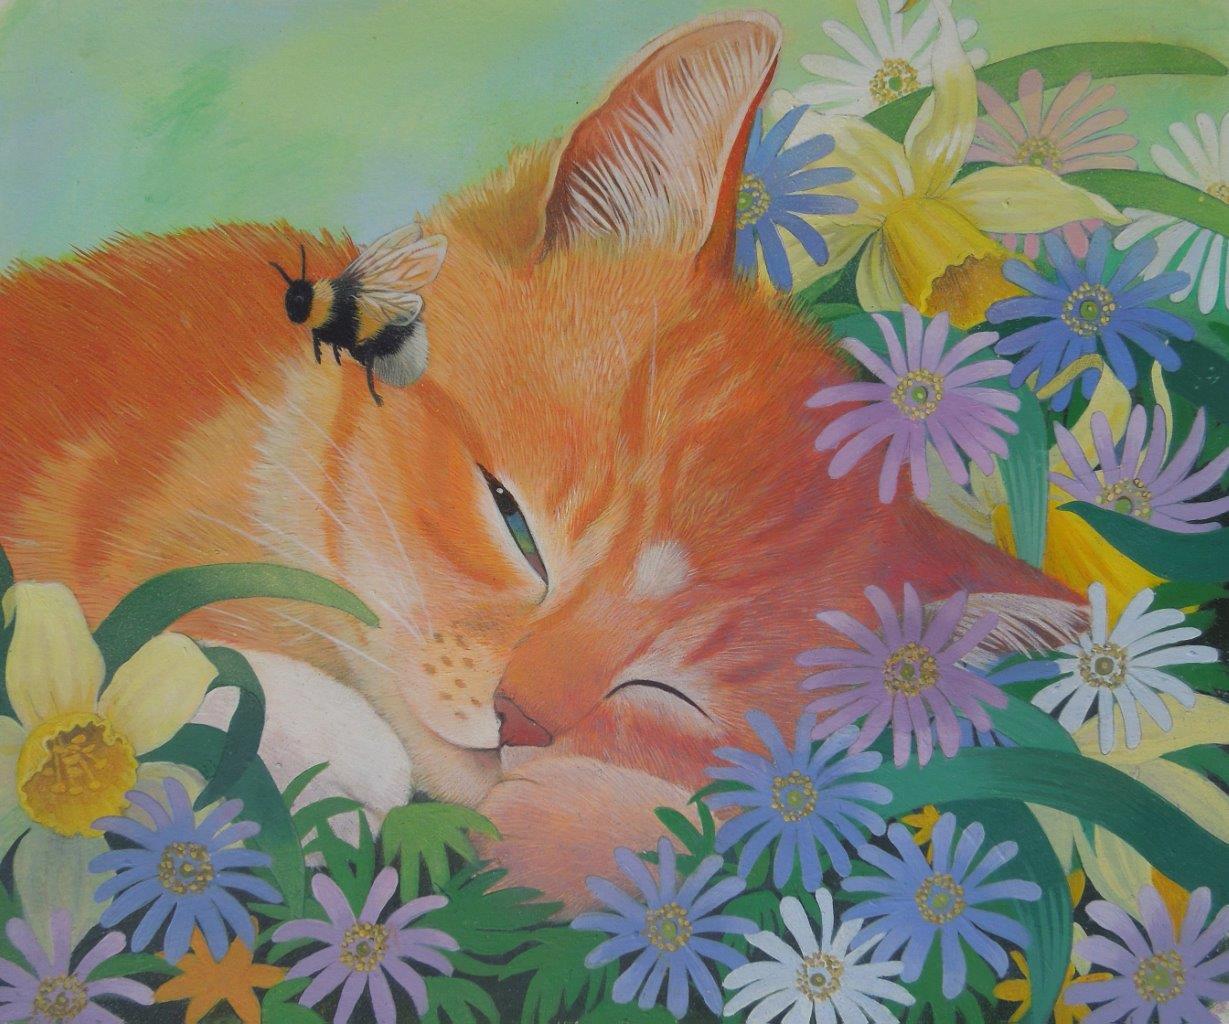 sleep tight ginger kitten and bee illustration